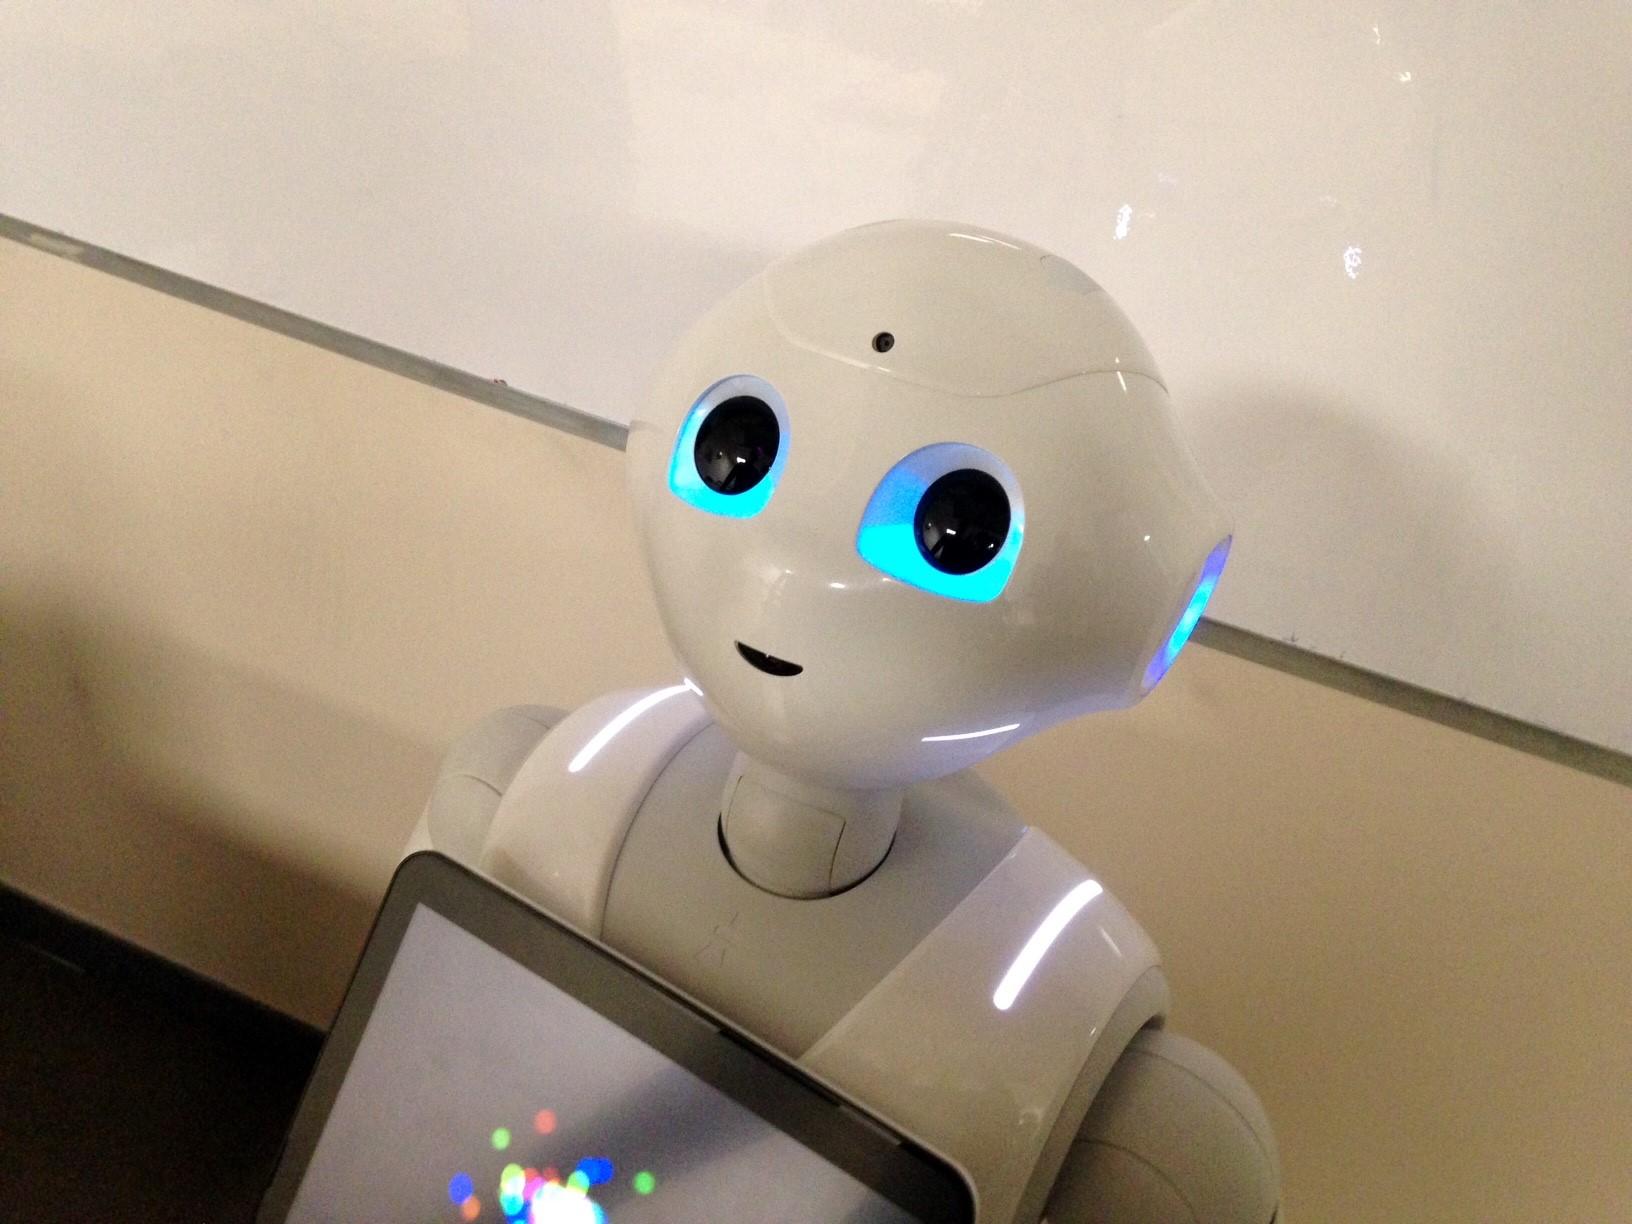 PSB robot Pepper